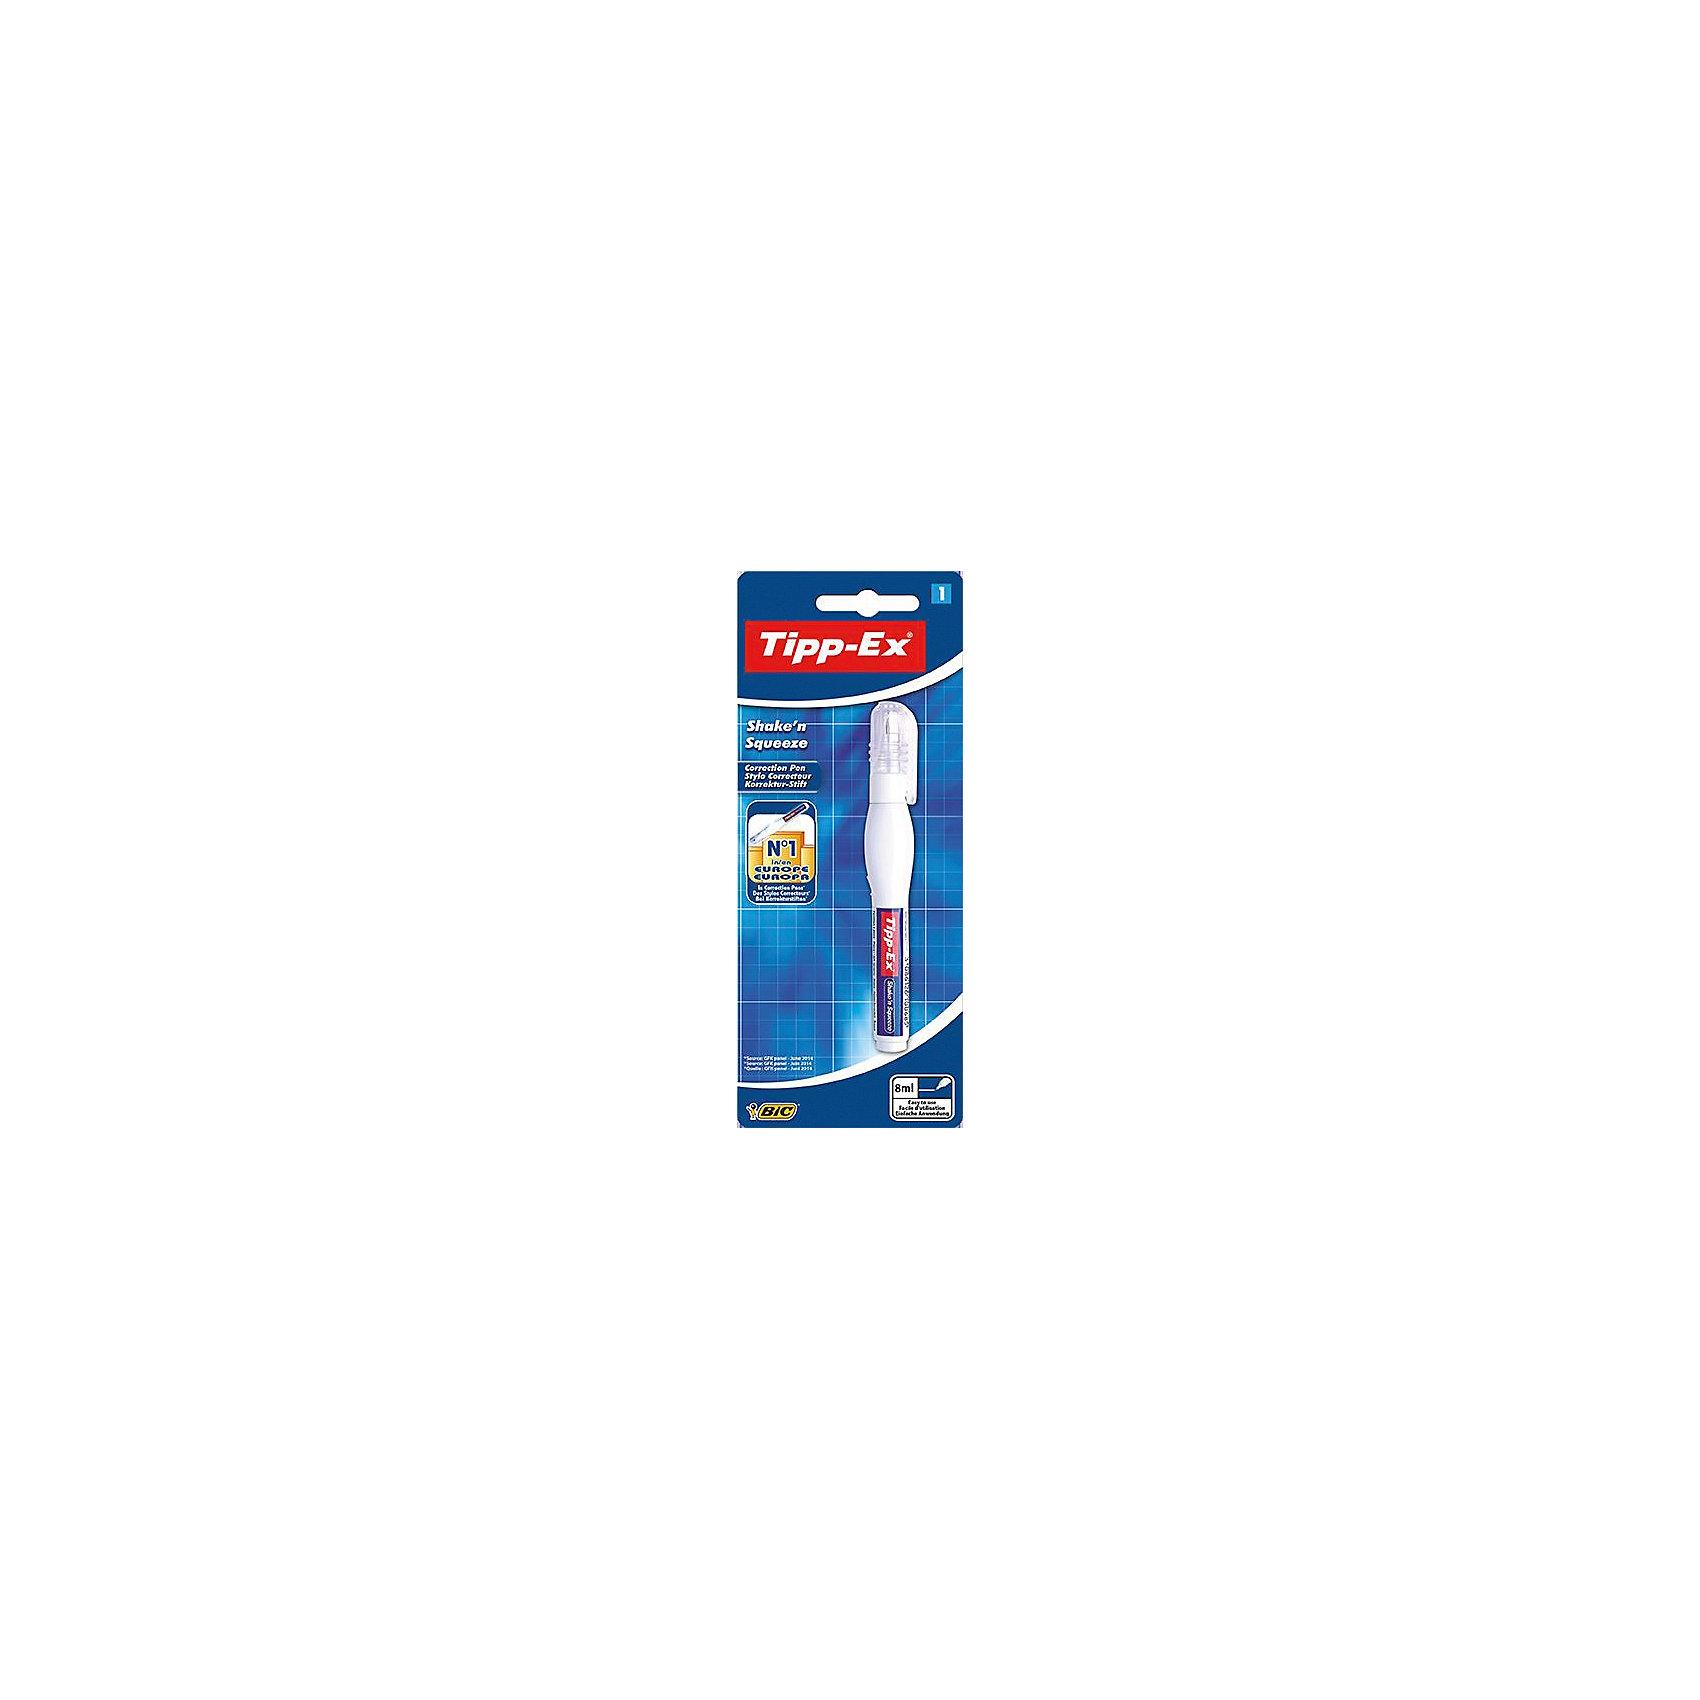 Корректирующая ручка Bic Tipp-Ex Shake n Squeeze, 8 млШкольные аксессуары<br>Характеристики:<br><br>• возраст: от 5 лет<br>• объем: 8 мл.<br>• материал корпуса: пластик<br>• упаковка: блистер<br>• размер упаковки: 20х8х3 см.<br><br>Корректирующая ручка Tipp-Ex Shake n Squeeze имеет удобную форму. Она отлично корректирует надписи. Высококачественная корректирующая жидкость быстро сохнет и хорошо покрывает текст. Мягкий корпус обеспечивает оптимальную подачу жидкости путём нажатия. Благодаря тонкому металлическому наконечнику жидкость наносится точно и равномерно. Подходит для любого типа бумаги.<br><br>BIC Корректирующую ручку Tipp-Ex Shake n Squeeze, 8 мл, блистер можно купить в нашем интернет-магазине.<br><br>Ширина мм: 17<br>Глубина мм: 80<br>Высота мм: 197<br>Вес г: 32<br>Возраст от месяцев: 60<br>Возраст до месяцев: 2147483647<br>Пол: Унисекс<br>Возраст: Детский<br>SKU: 7065346